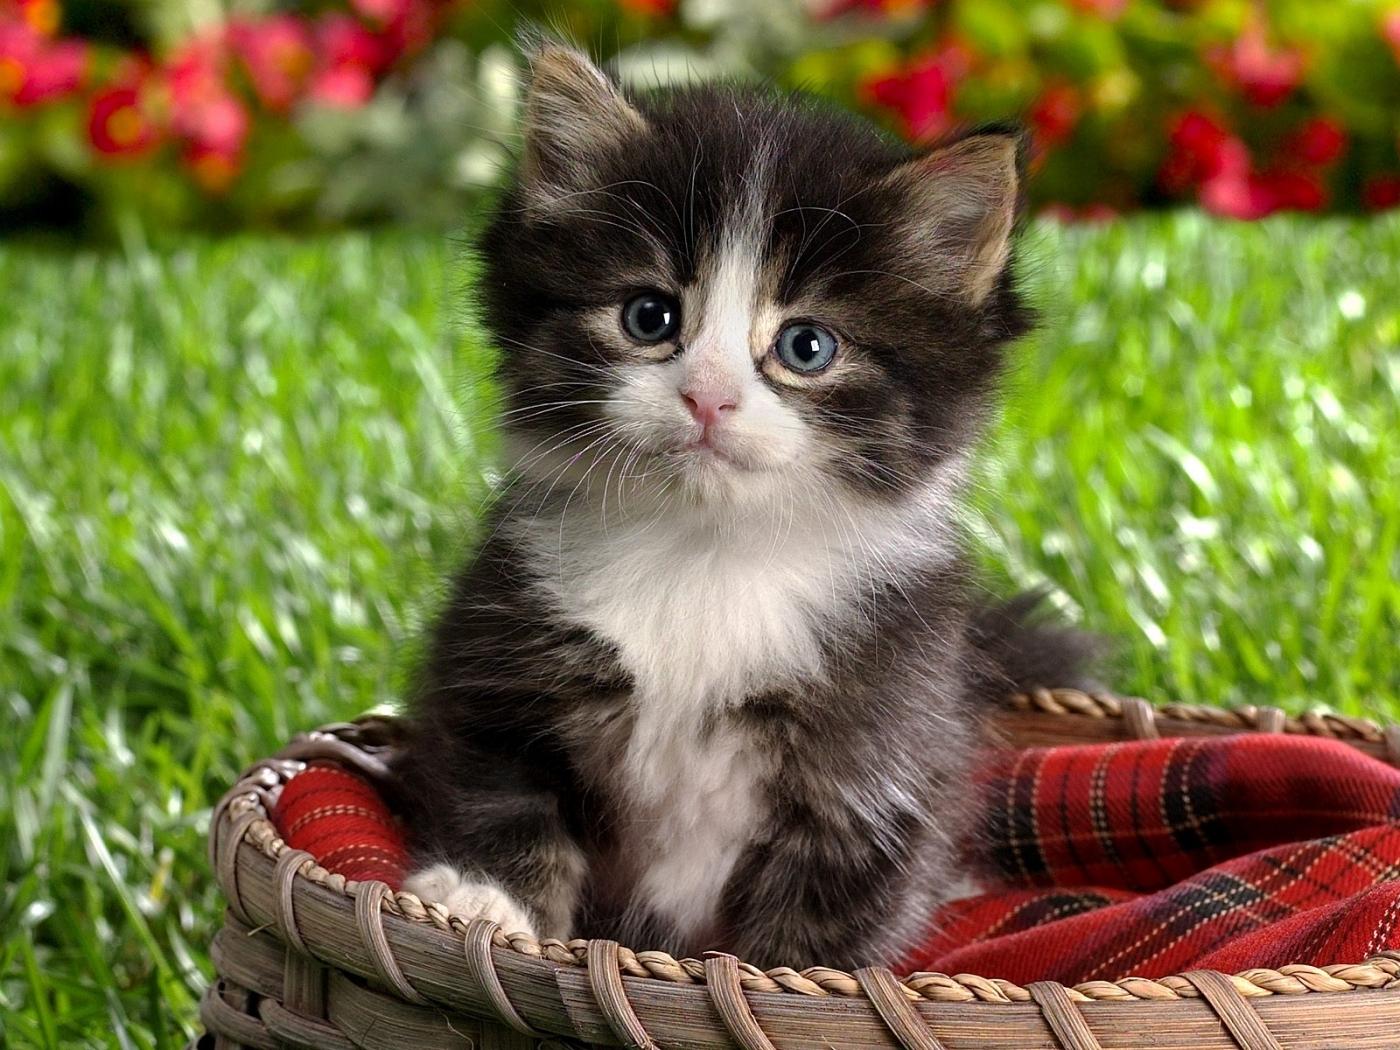 42650 Заставки и Обои Кошки (Коты, Котики) на телефон. Скачать Кошки (Коты, Котики), Животные картинки бесплатно